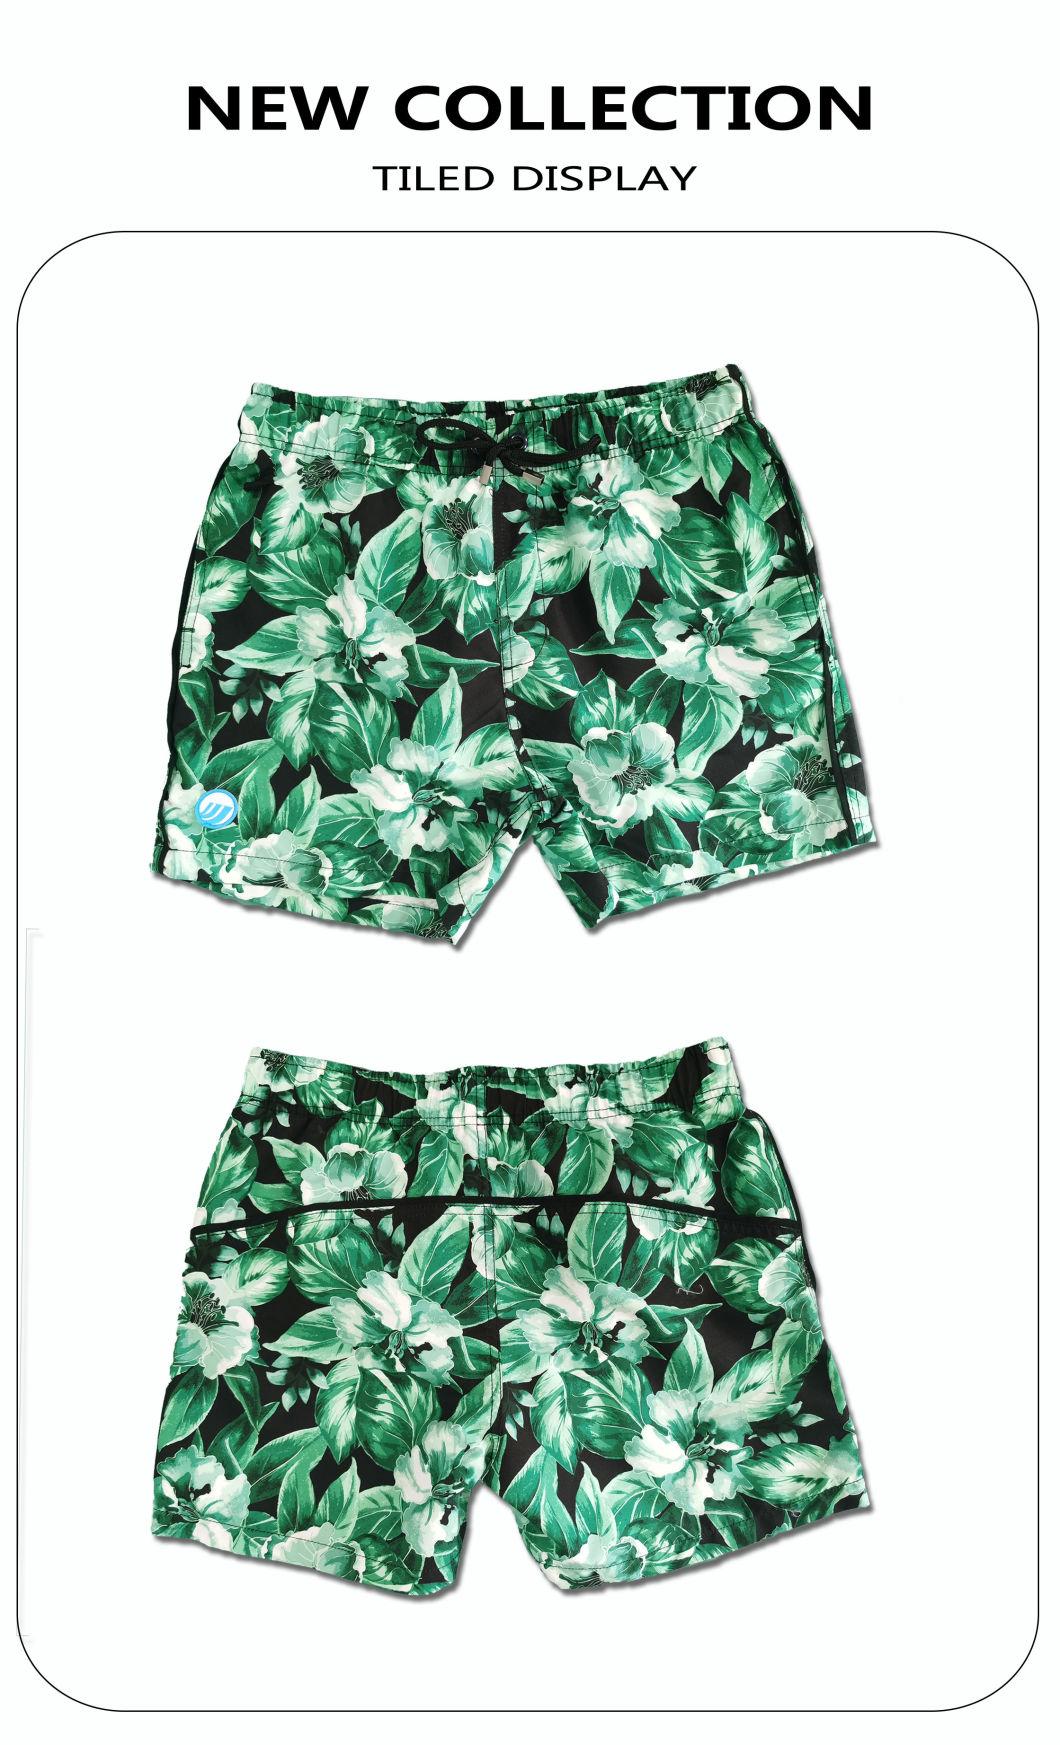 140GSM 100% Polyester Digitaldruck Schnelltrocknende, vollelastische Taille, kurzes Futter, wasserabweisendes Badeshort für Männer